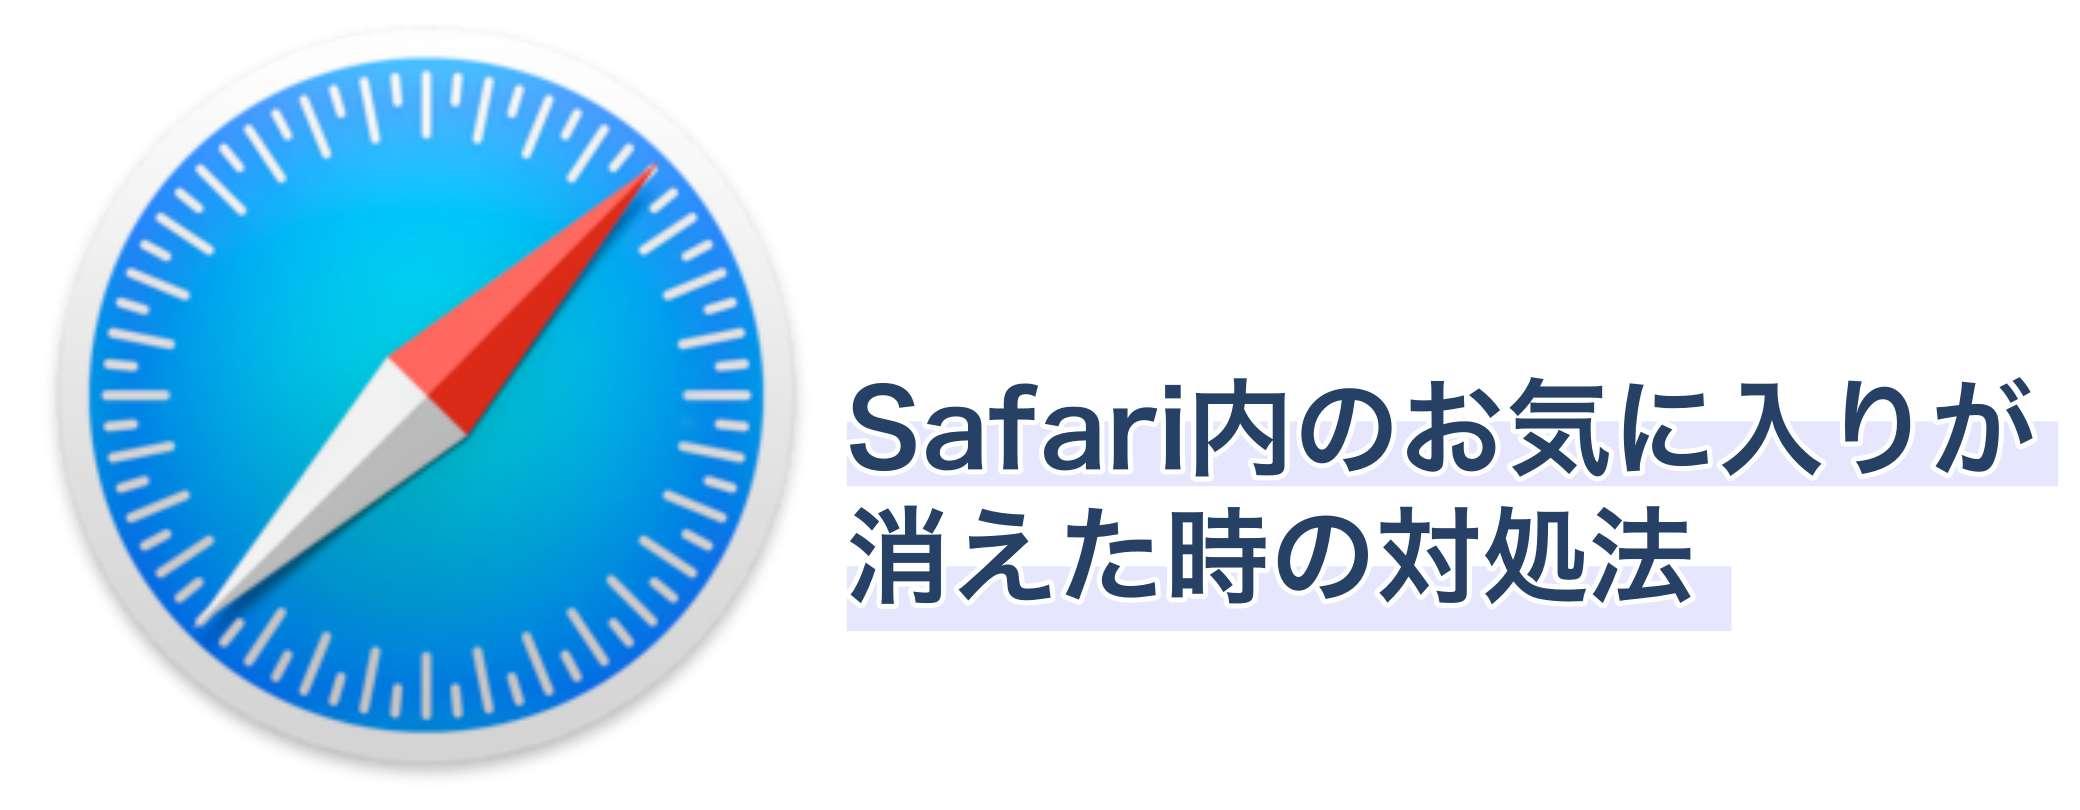 【iPhone】Safari内のお気に入りが消えた時の対処法